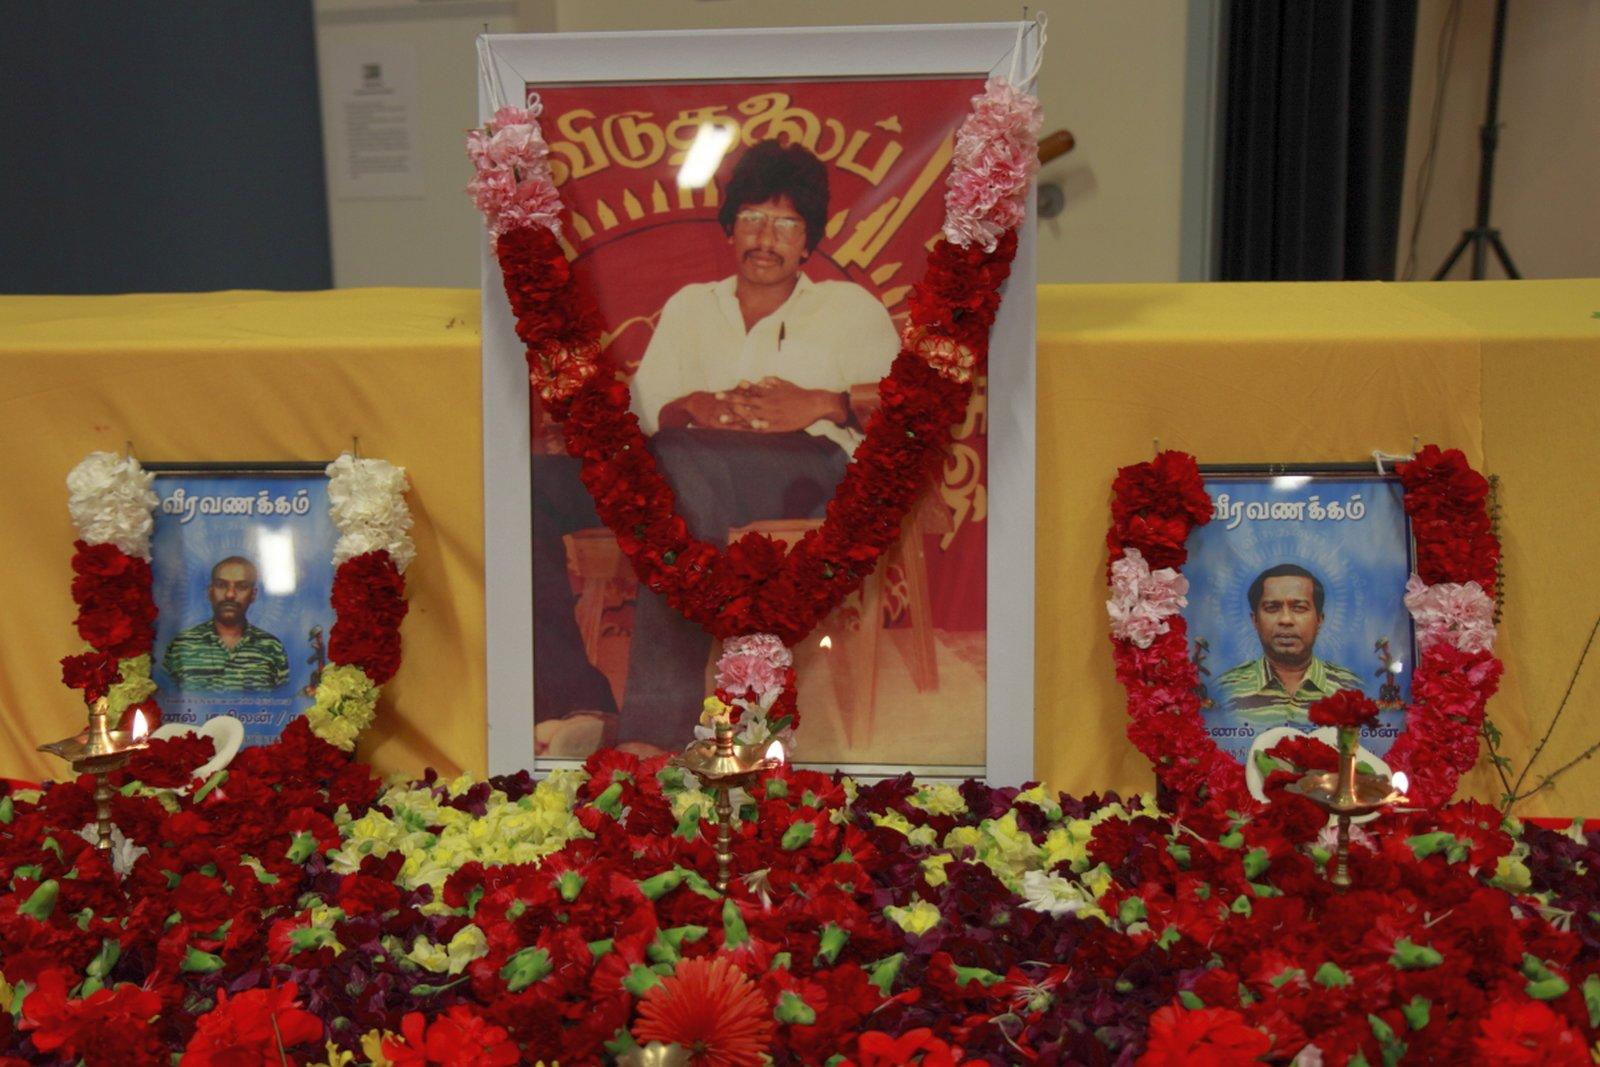 மெல்பேர்னில் உணர்வுபூர்வமாக நடைபெற்ற தியாக தீபம் திலீபன் நினைவு கலைமாலை Thiyaki Thileepan Event Melb 07